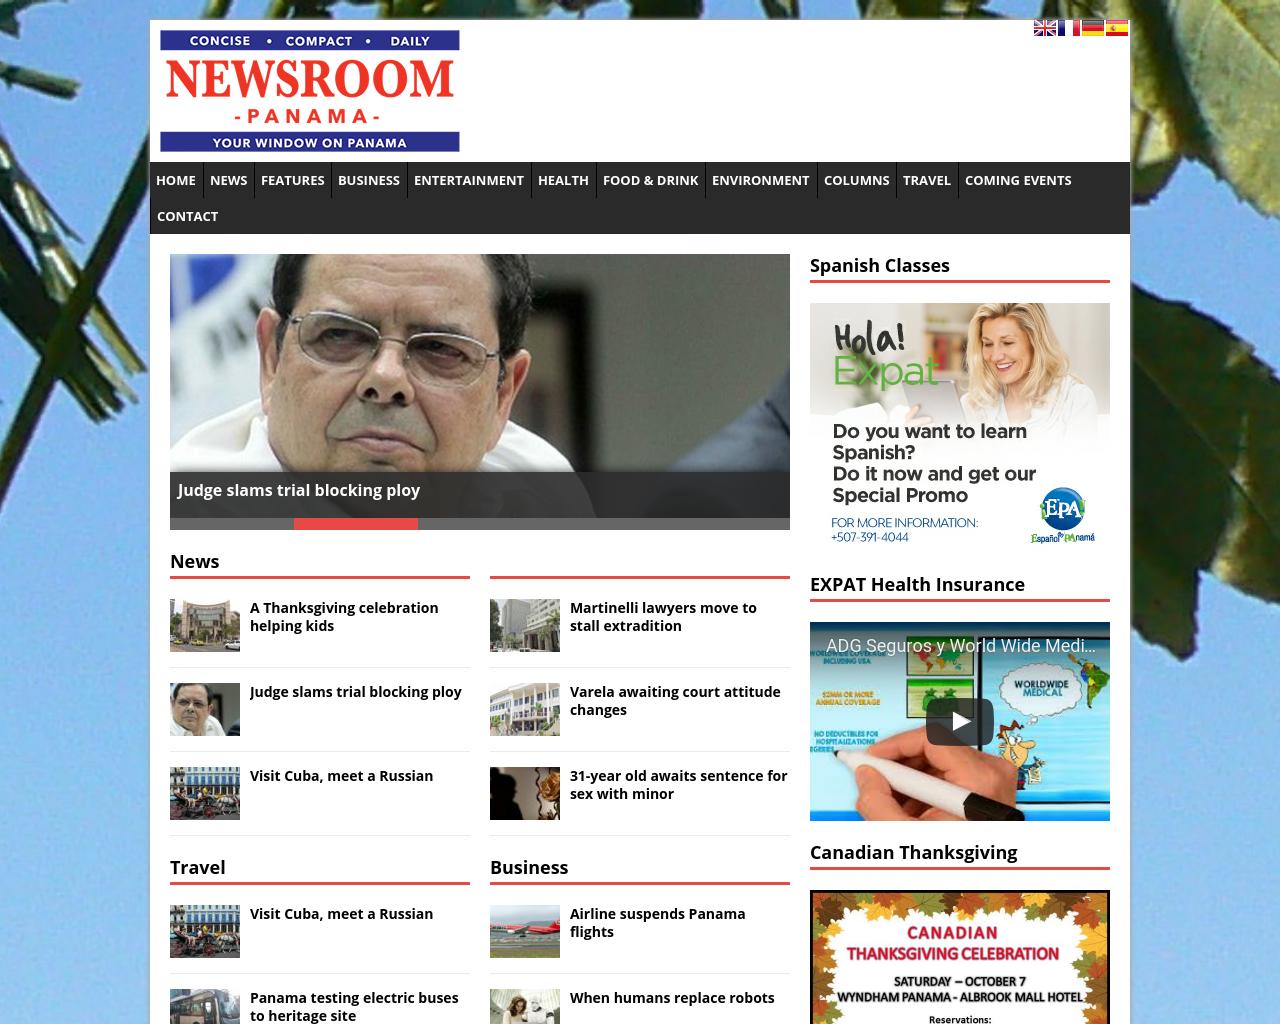 Newsroom-Panama-Advertising-Reviews-Pricing